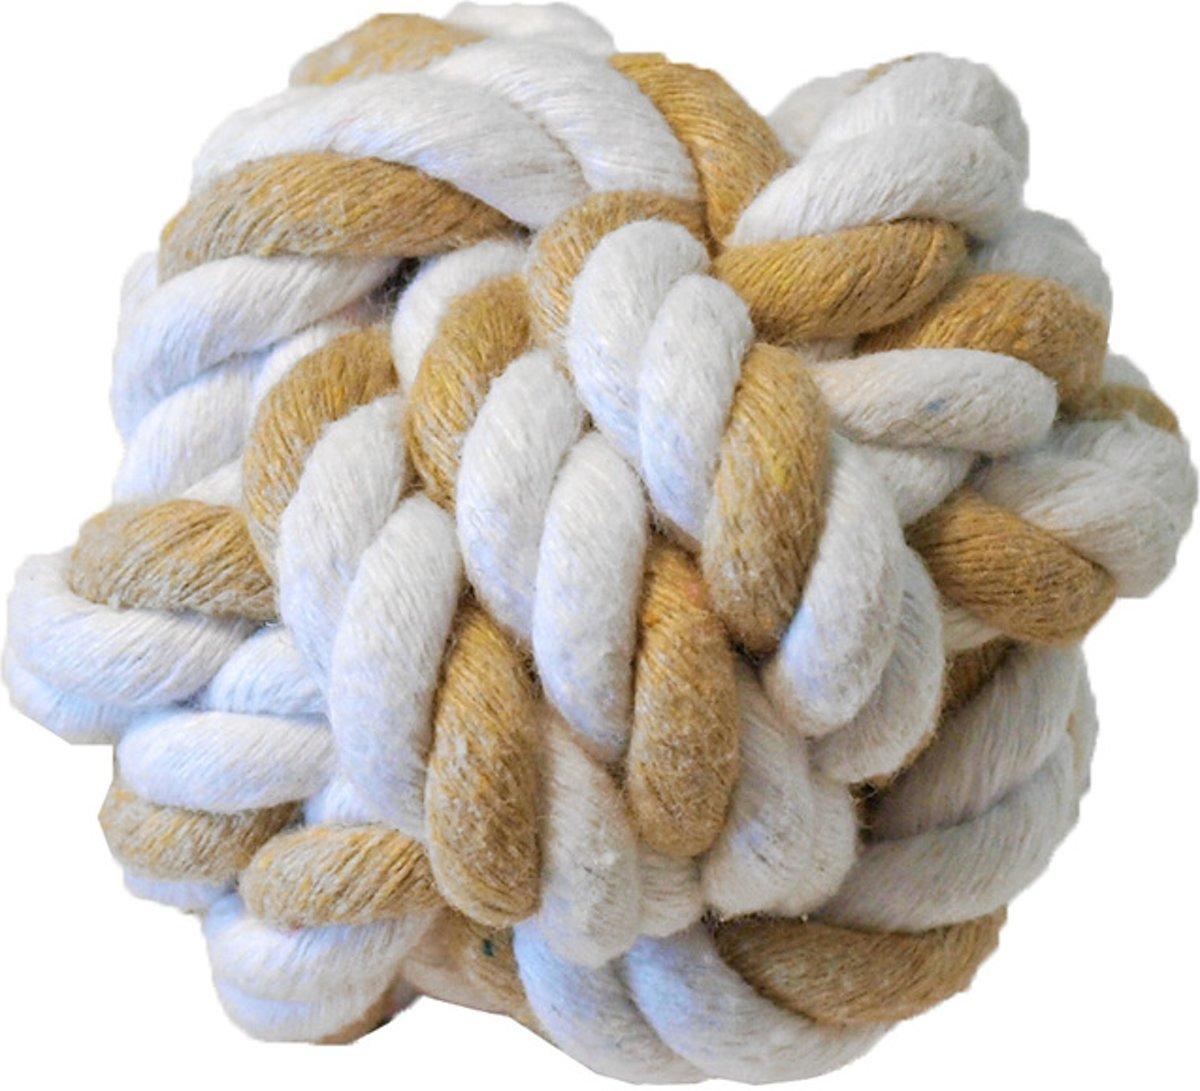 Katoenen touwbal voor knaagdieren 5cm